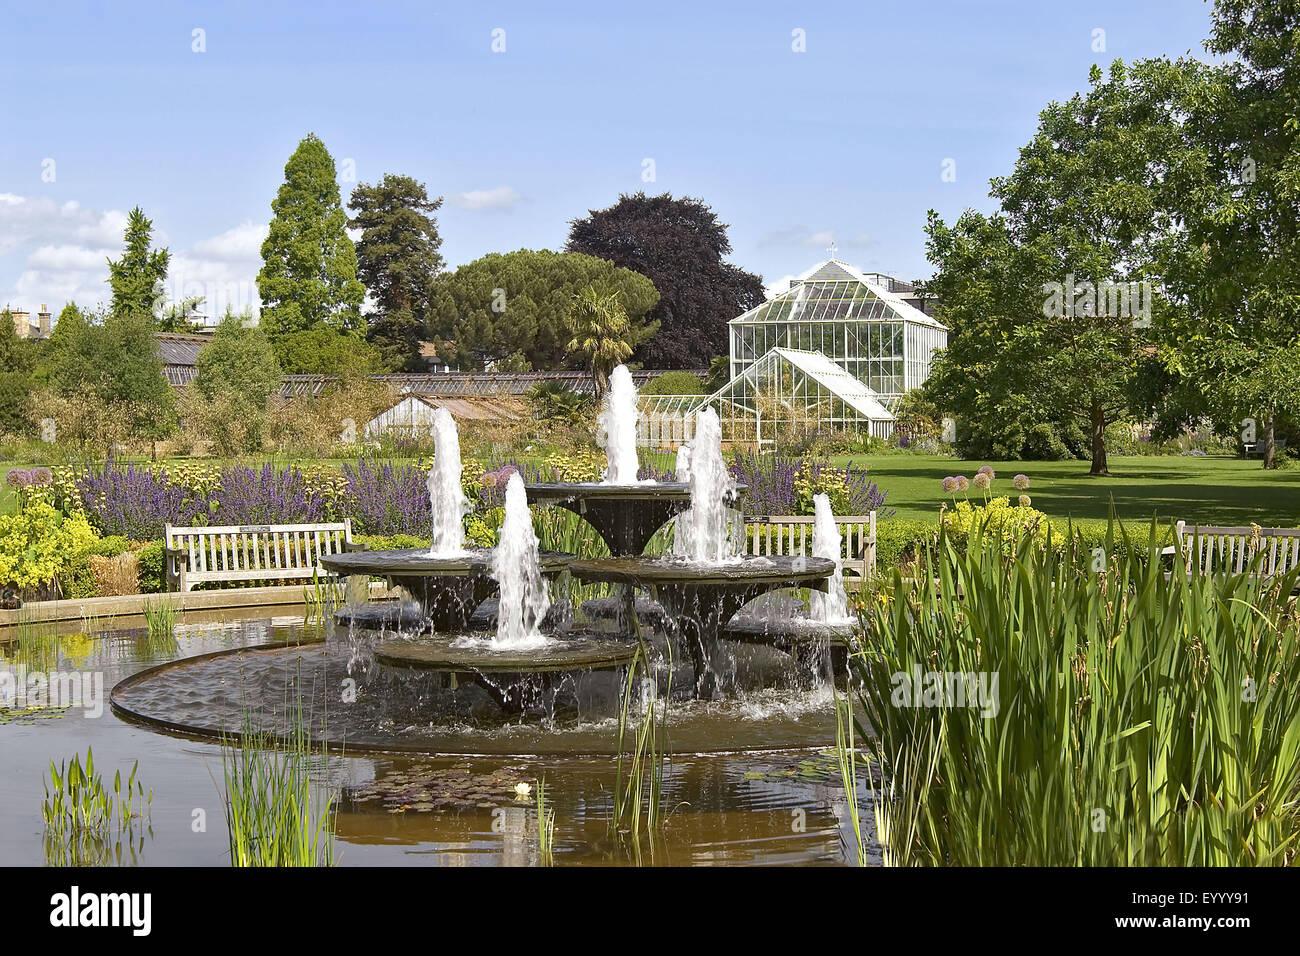 Botanical Gardens of the University of Cambridge, United Kingdom, England, Cambridge - Stock Image